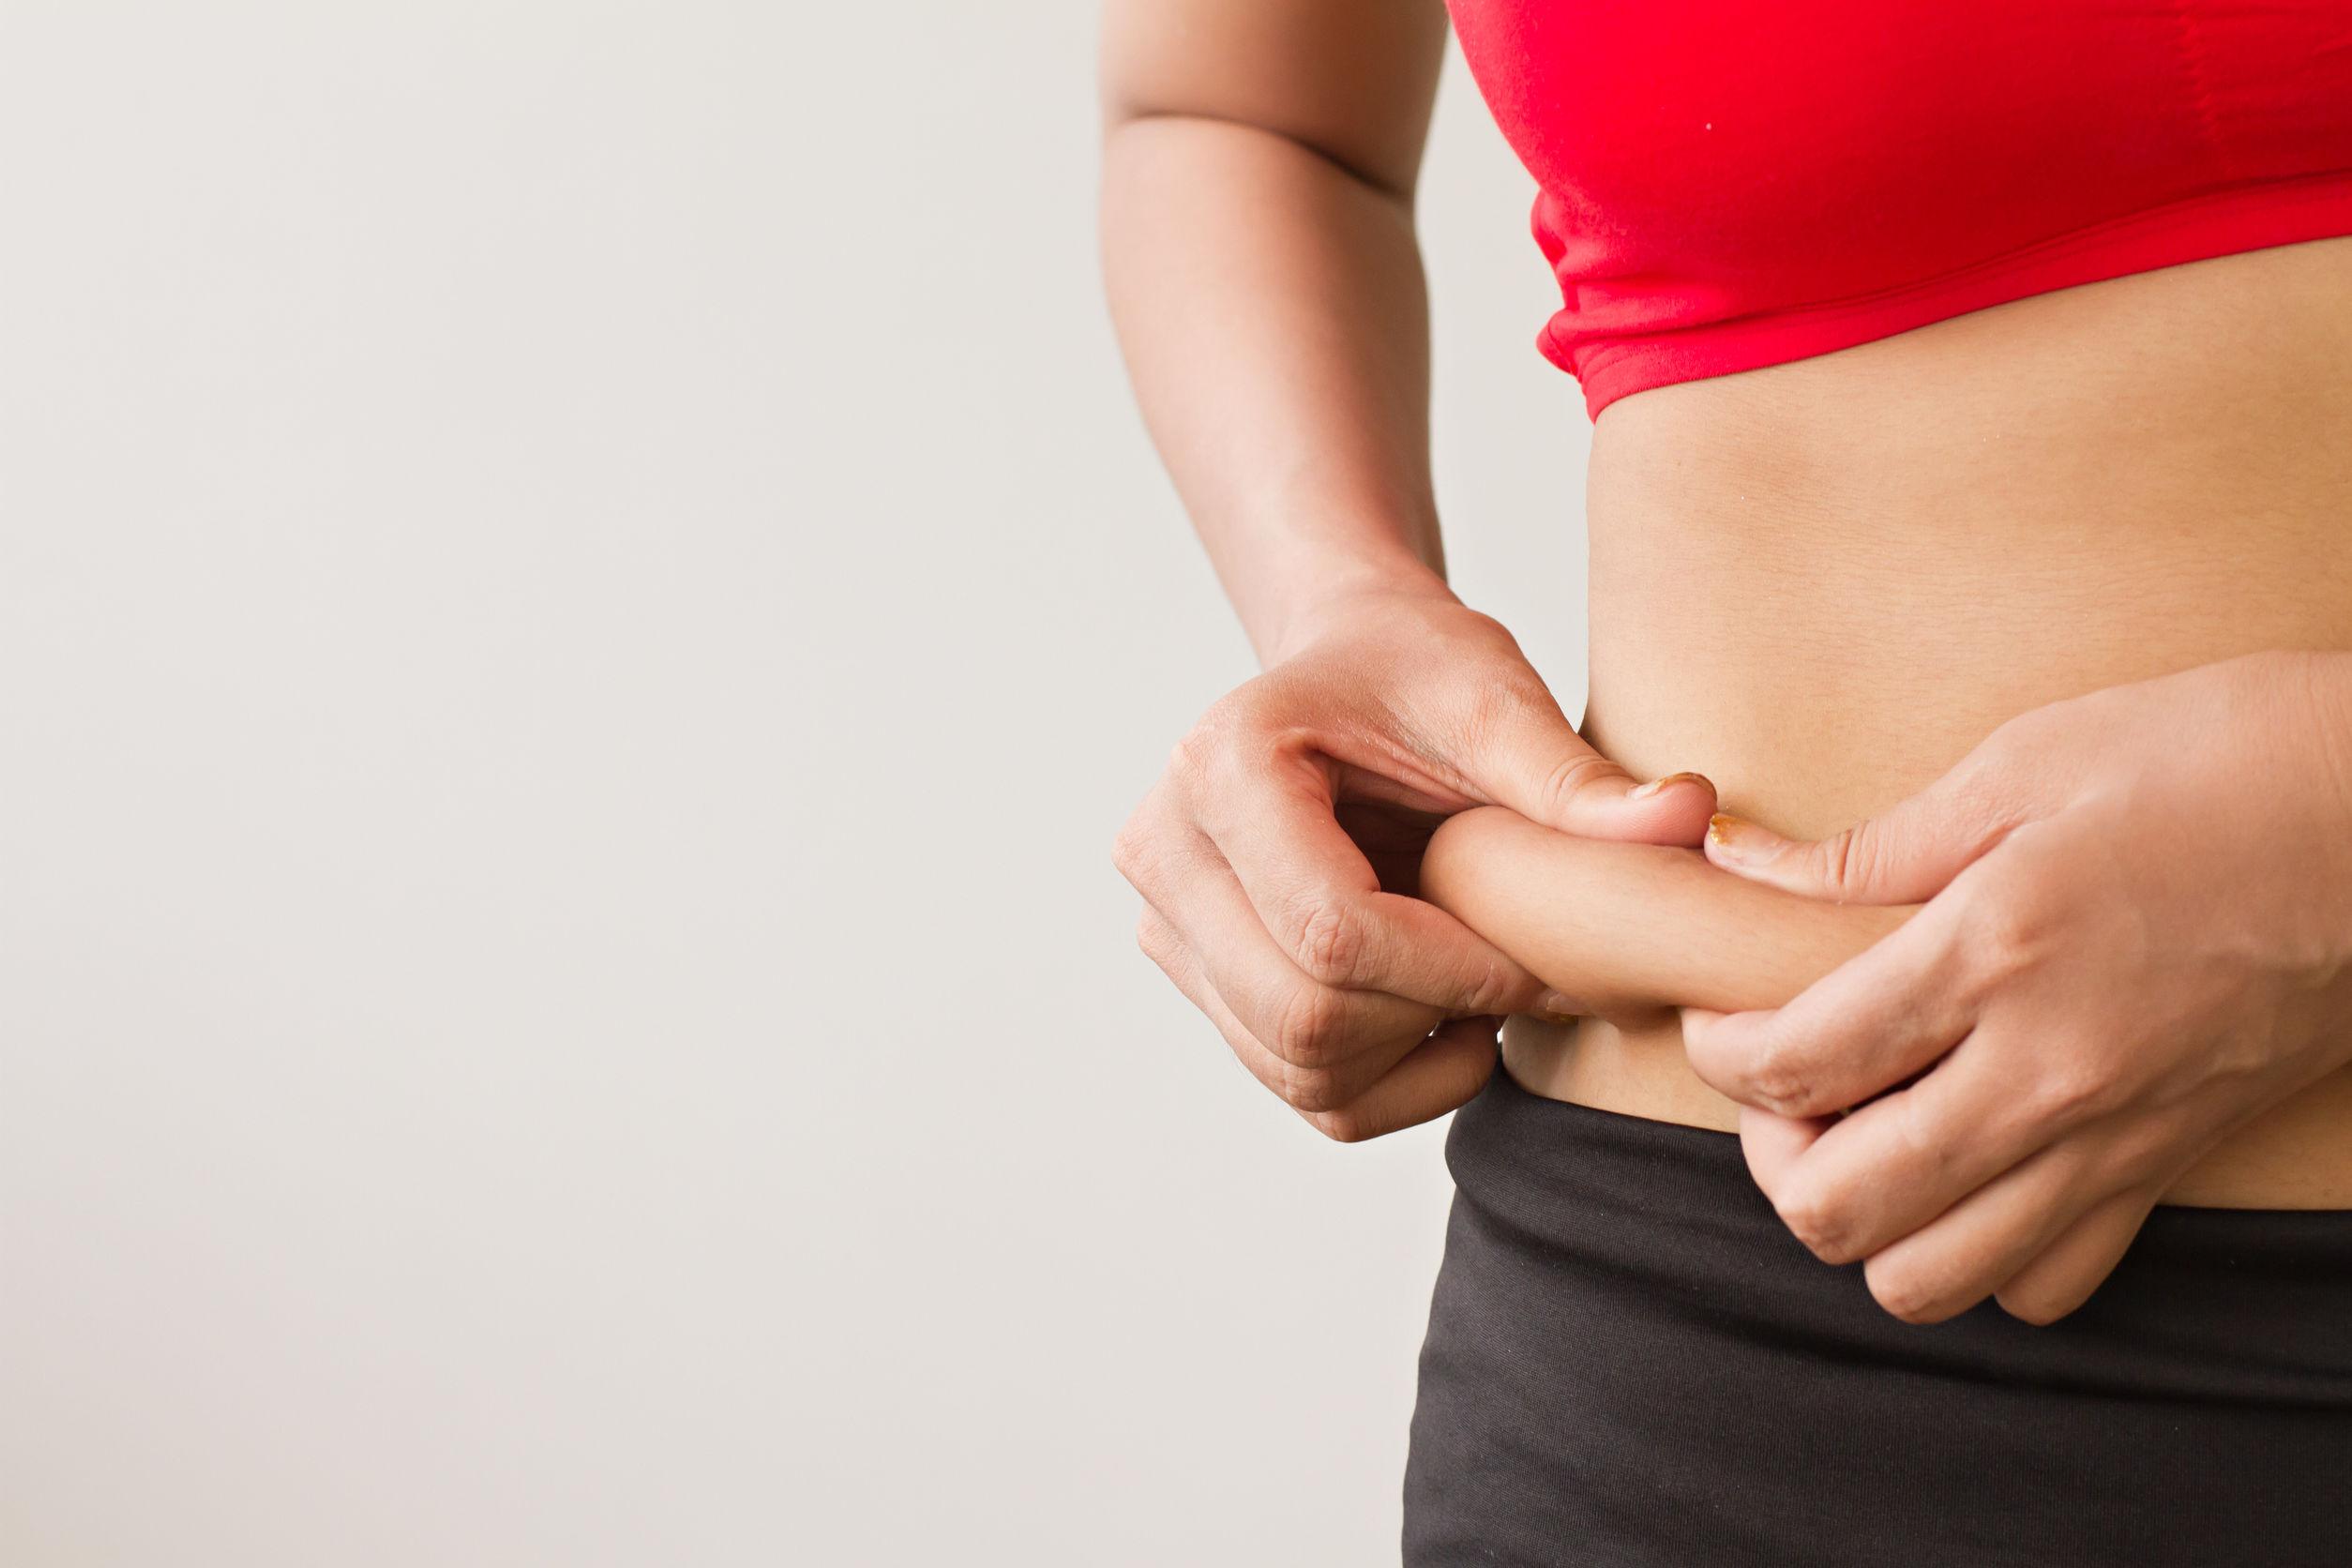 gorduras que podem ser eliminadas com exercícios para perder barriga